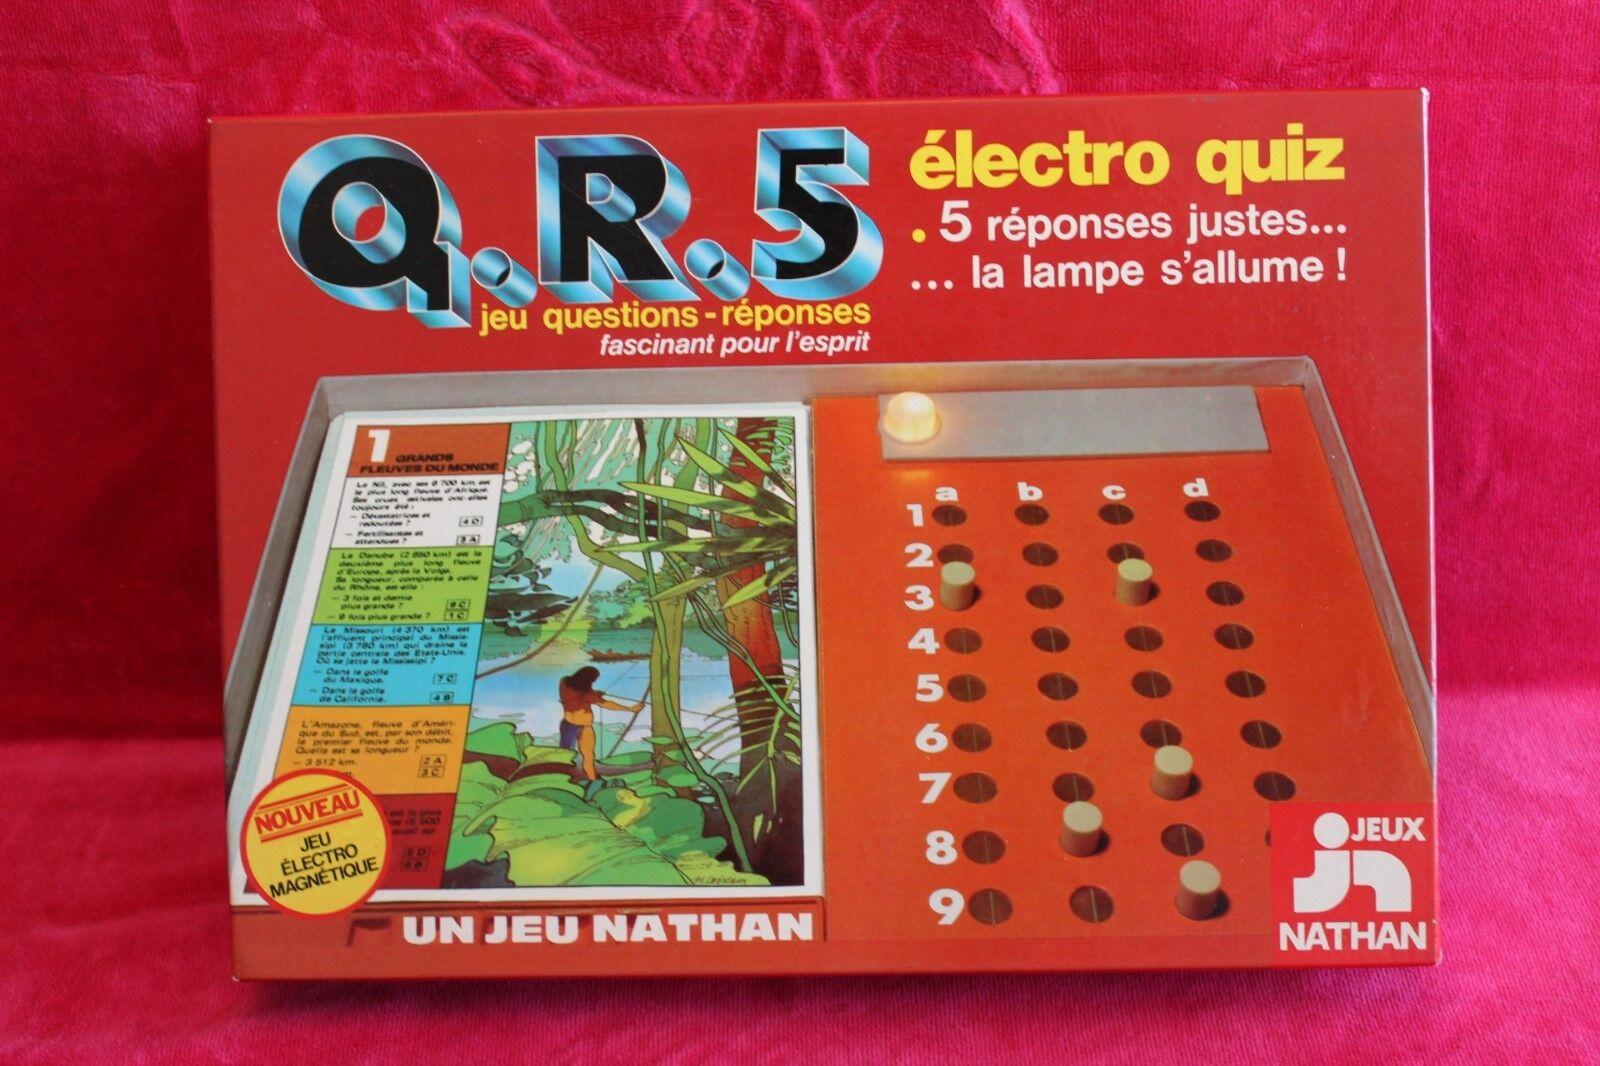 Jeu électronique vintage de questions réponses Nathan - Q.R.5 électro quiz 1978